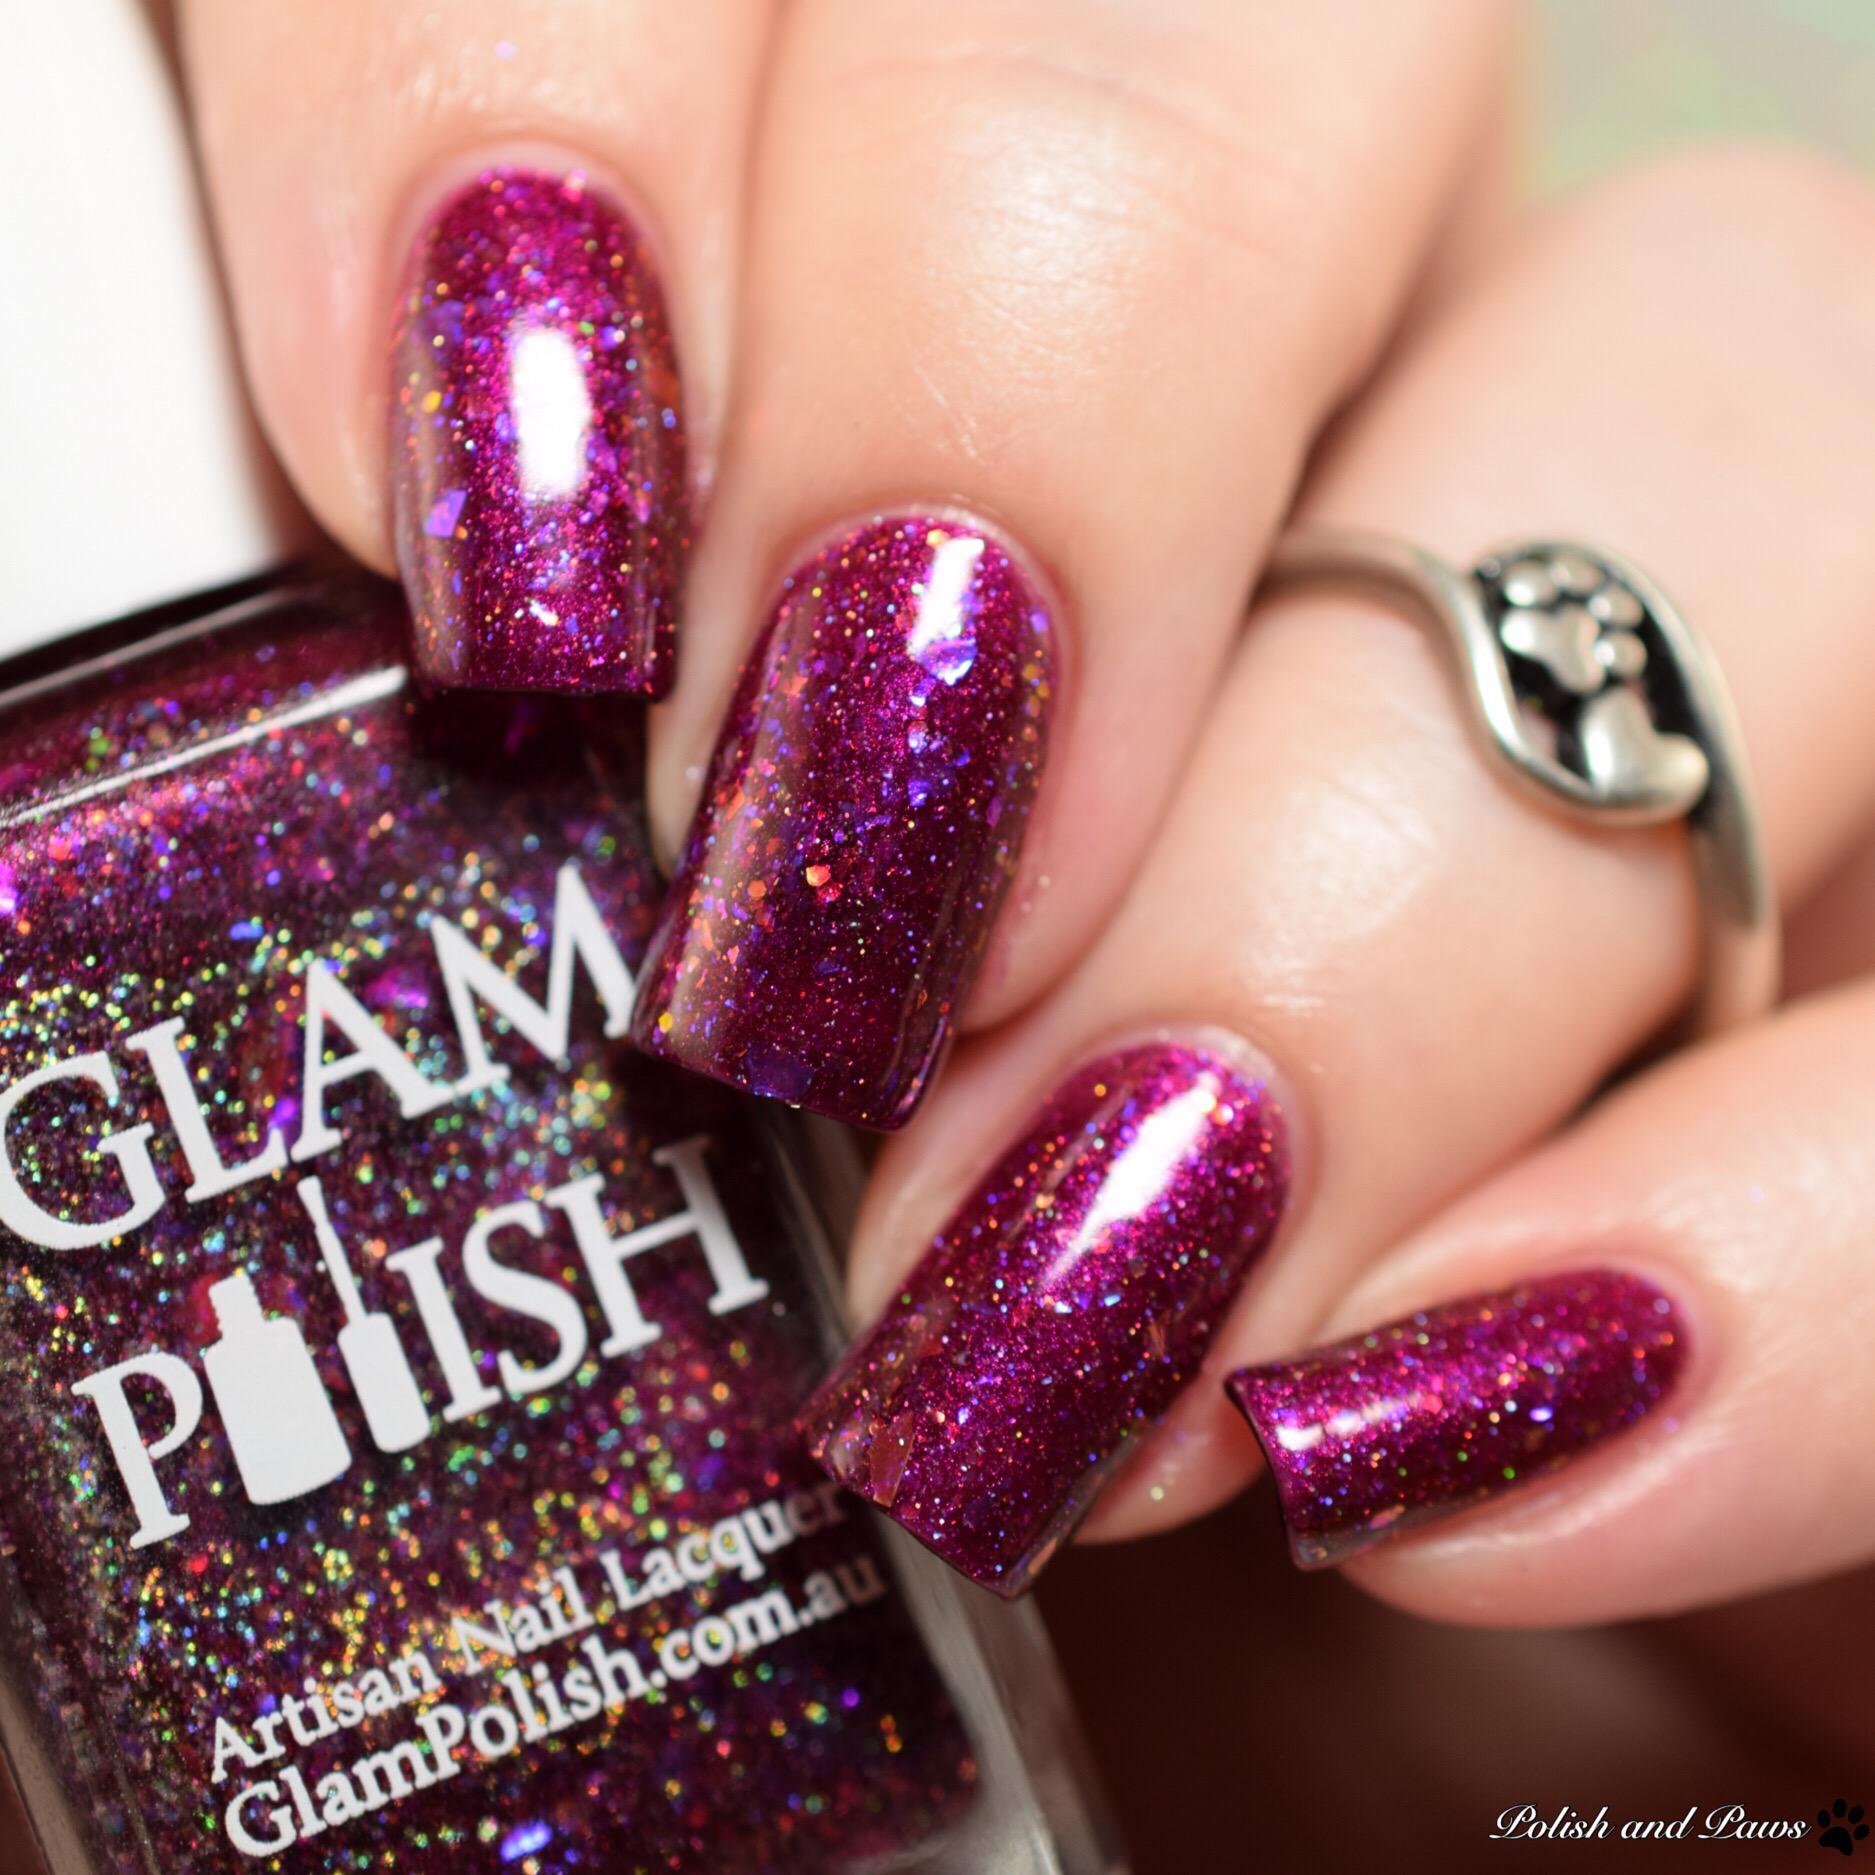 Glam Polish It's LeviOsa not LeviosA